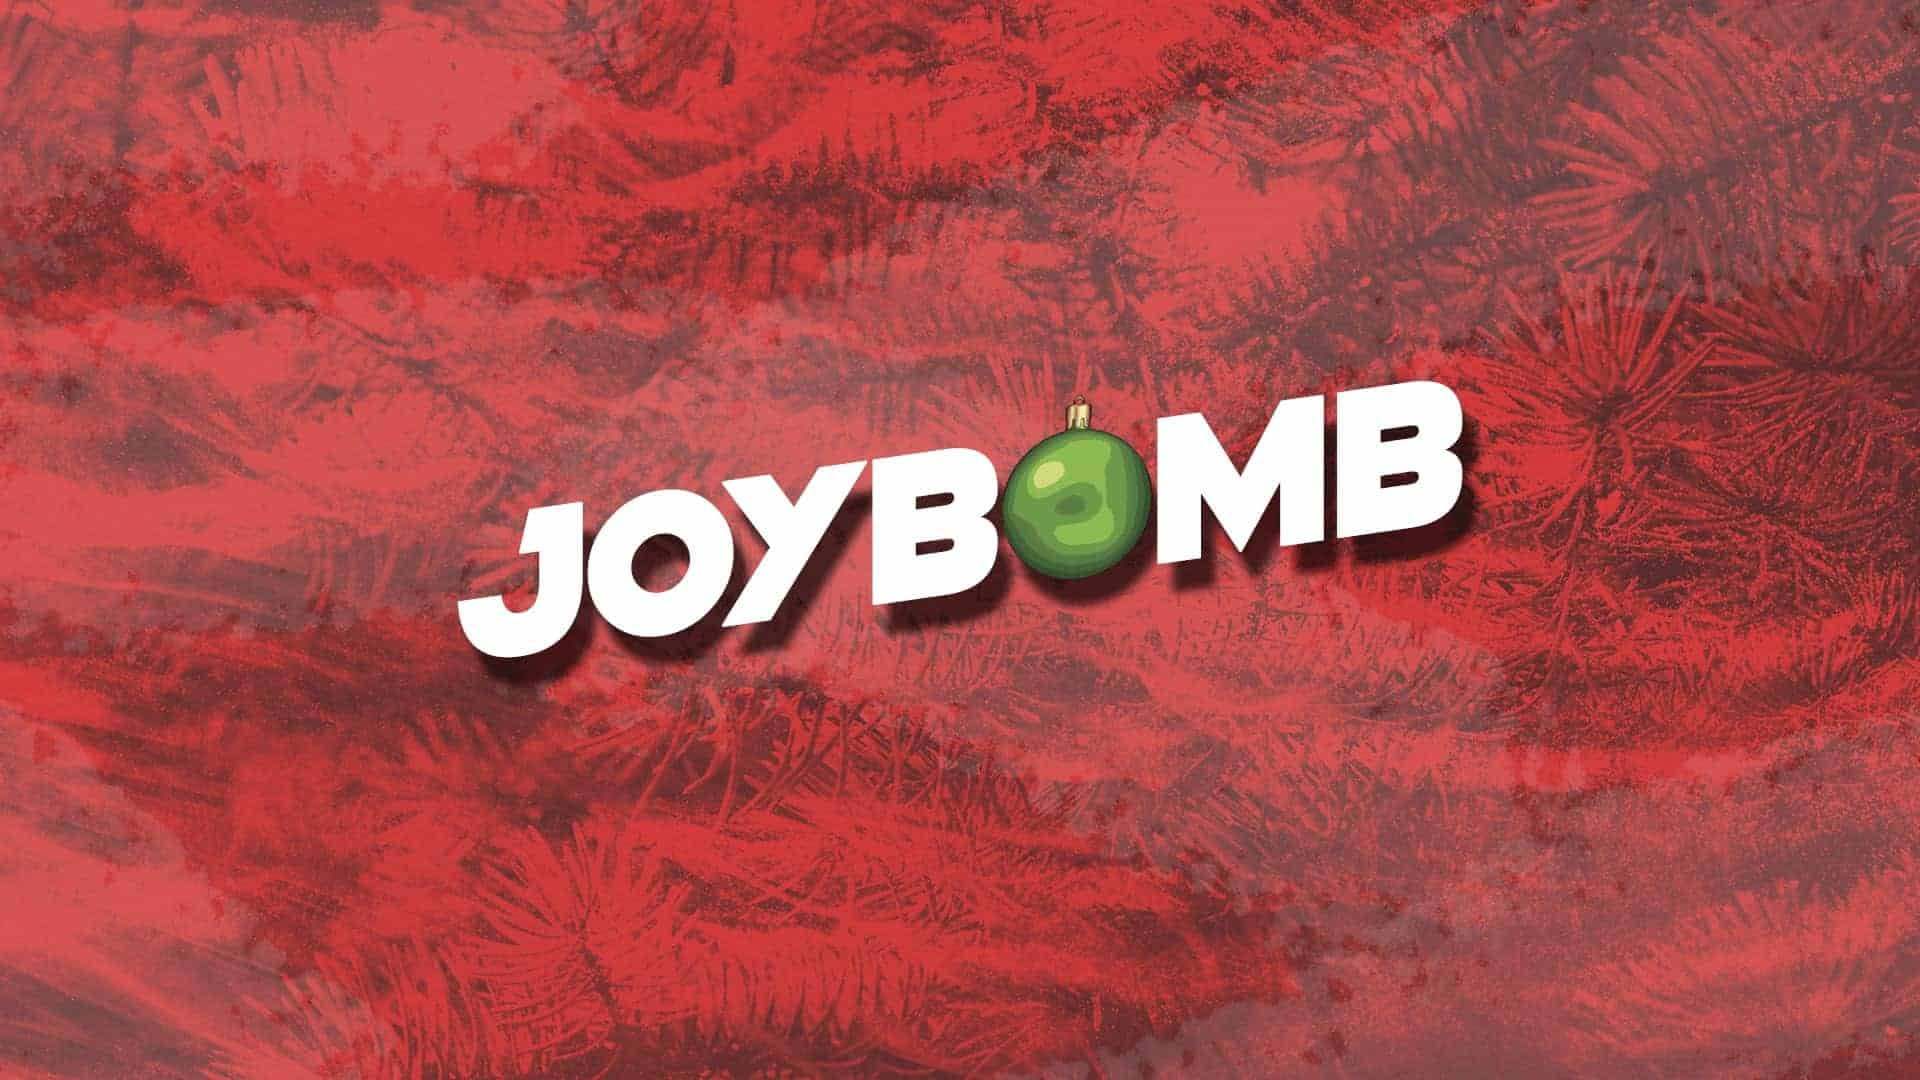 Joybomb